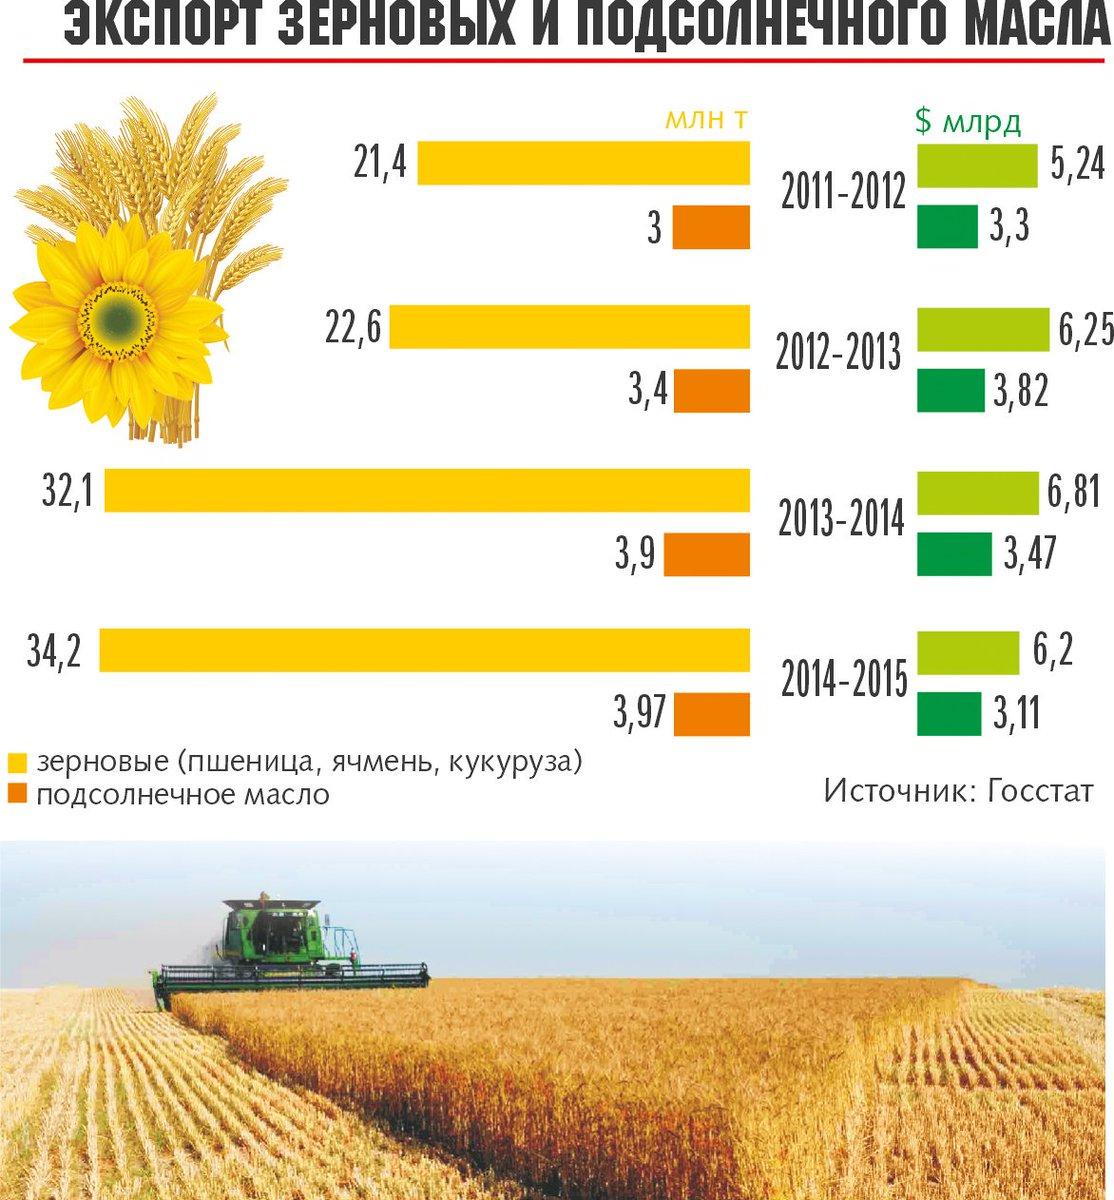 первое место по производству пшеницы занимает